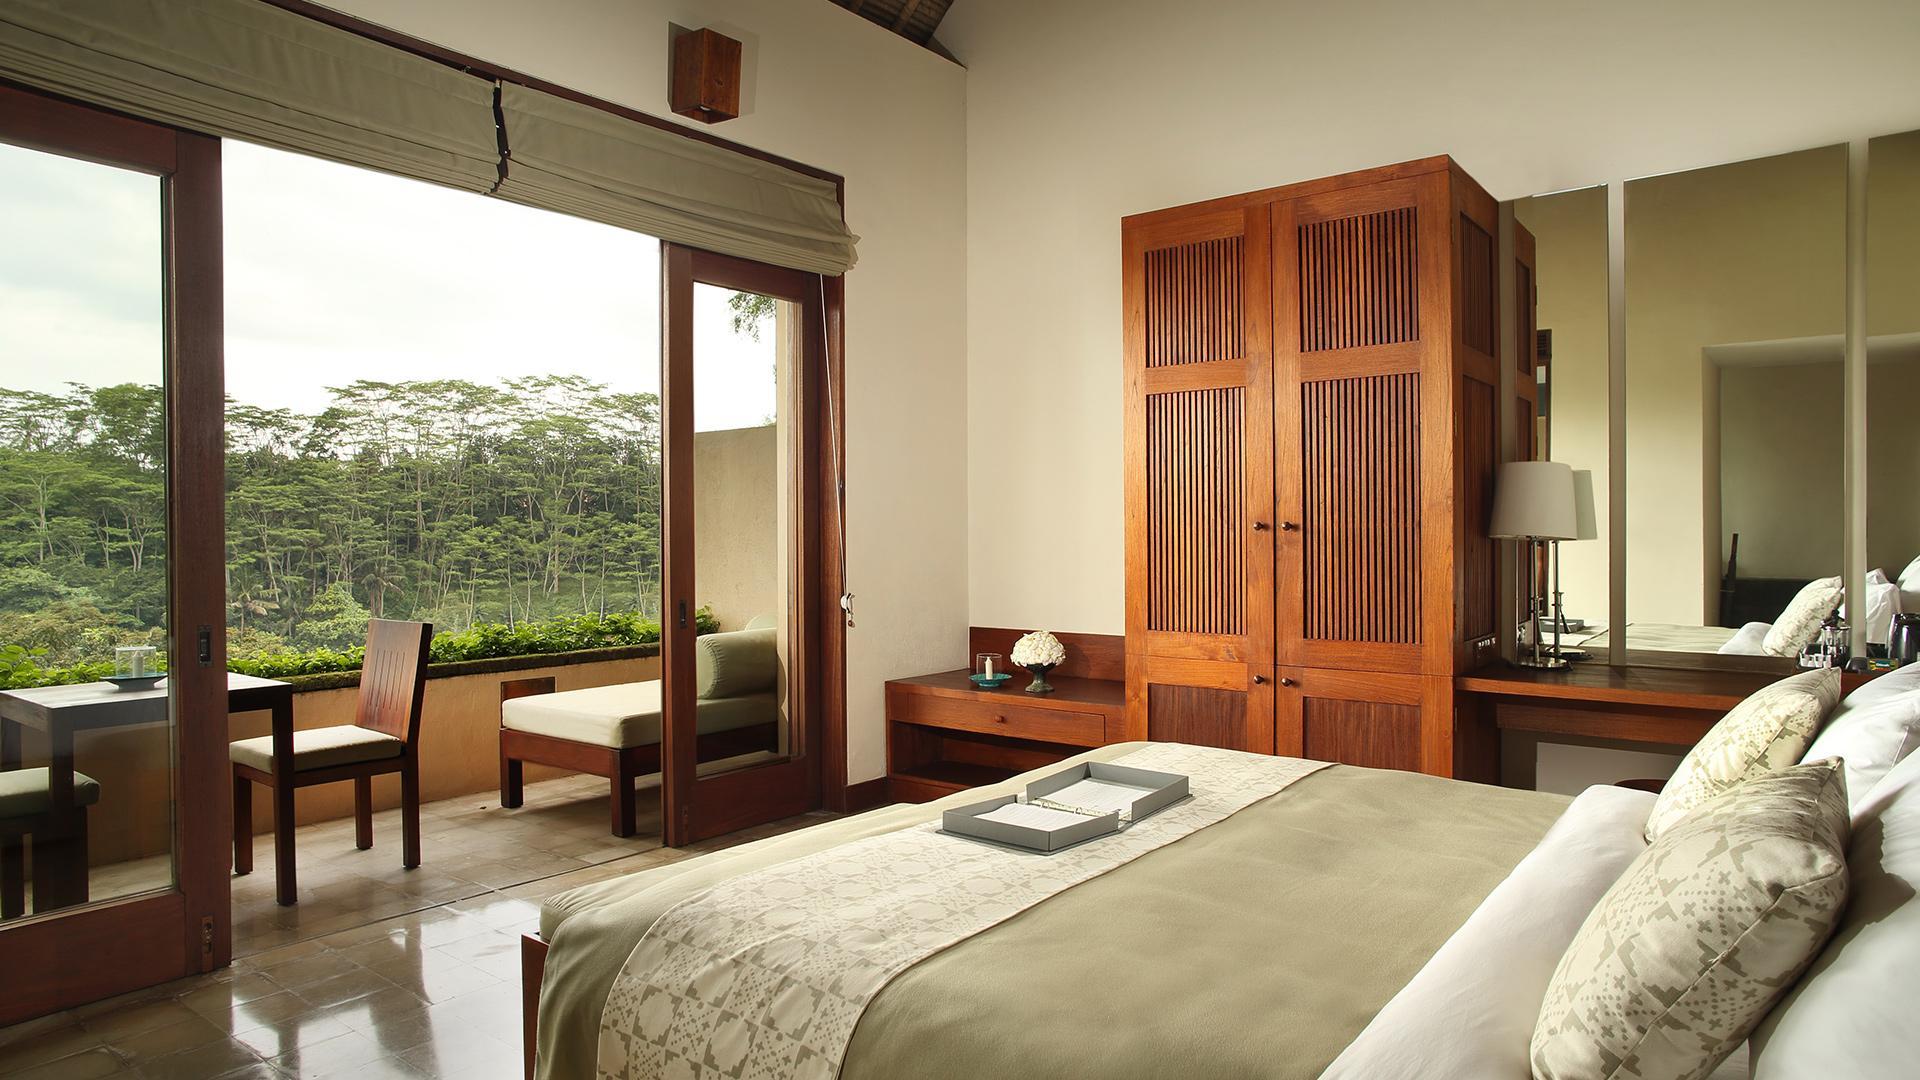 Superior Room image 1 at Alila Ubud by Kabupaten Gianyar, Bali, Indonesia